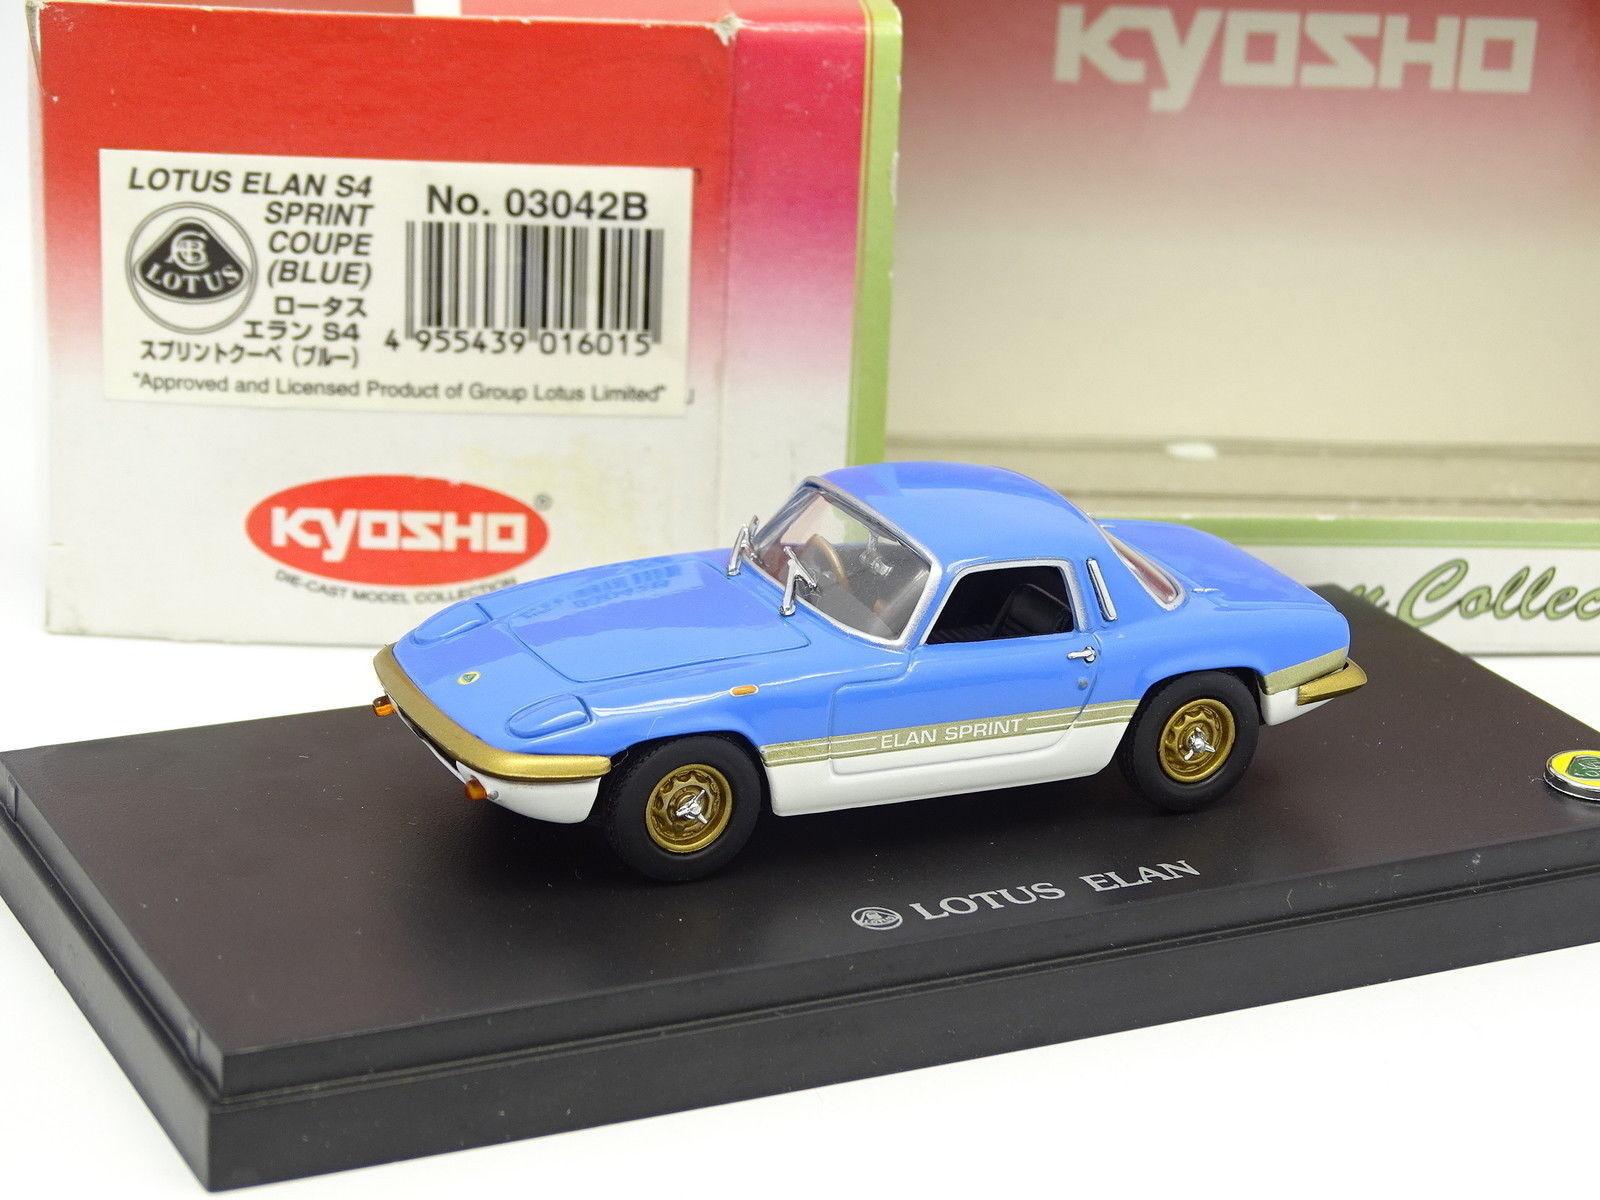 Kyosho 1 43 Lotus Elan s4 Sprint bluee